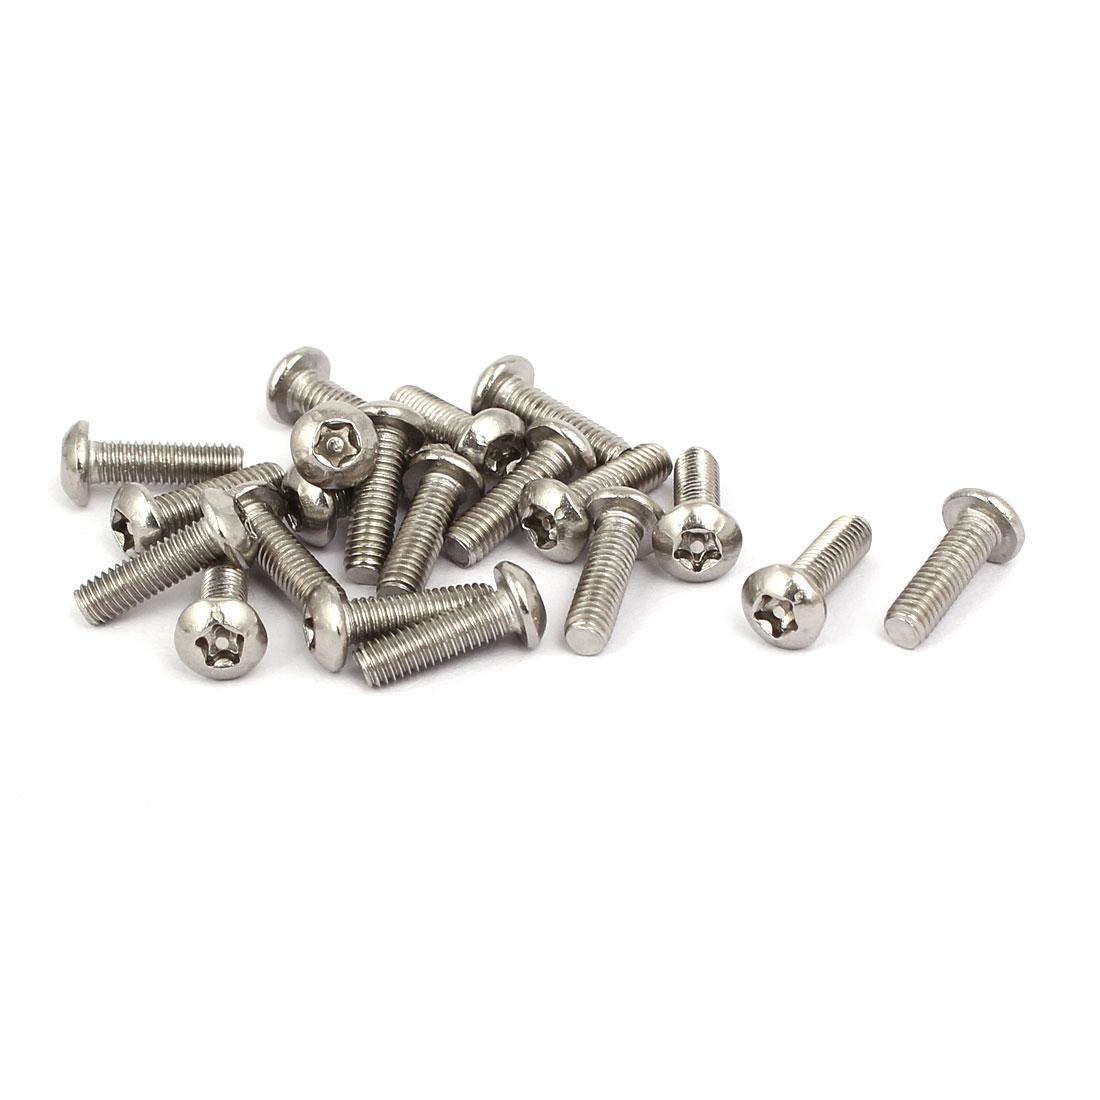 M3x10mm 304 Stainless Steel Button Head Torx Five-Lobe Tamper Screw 20pcs